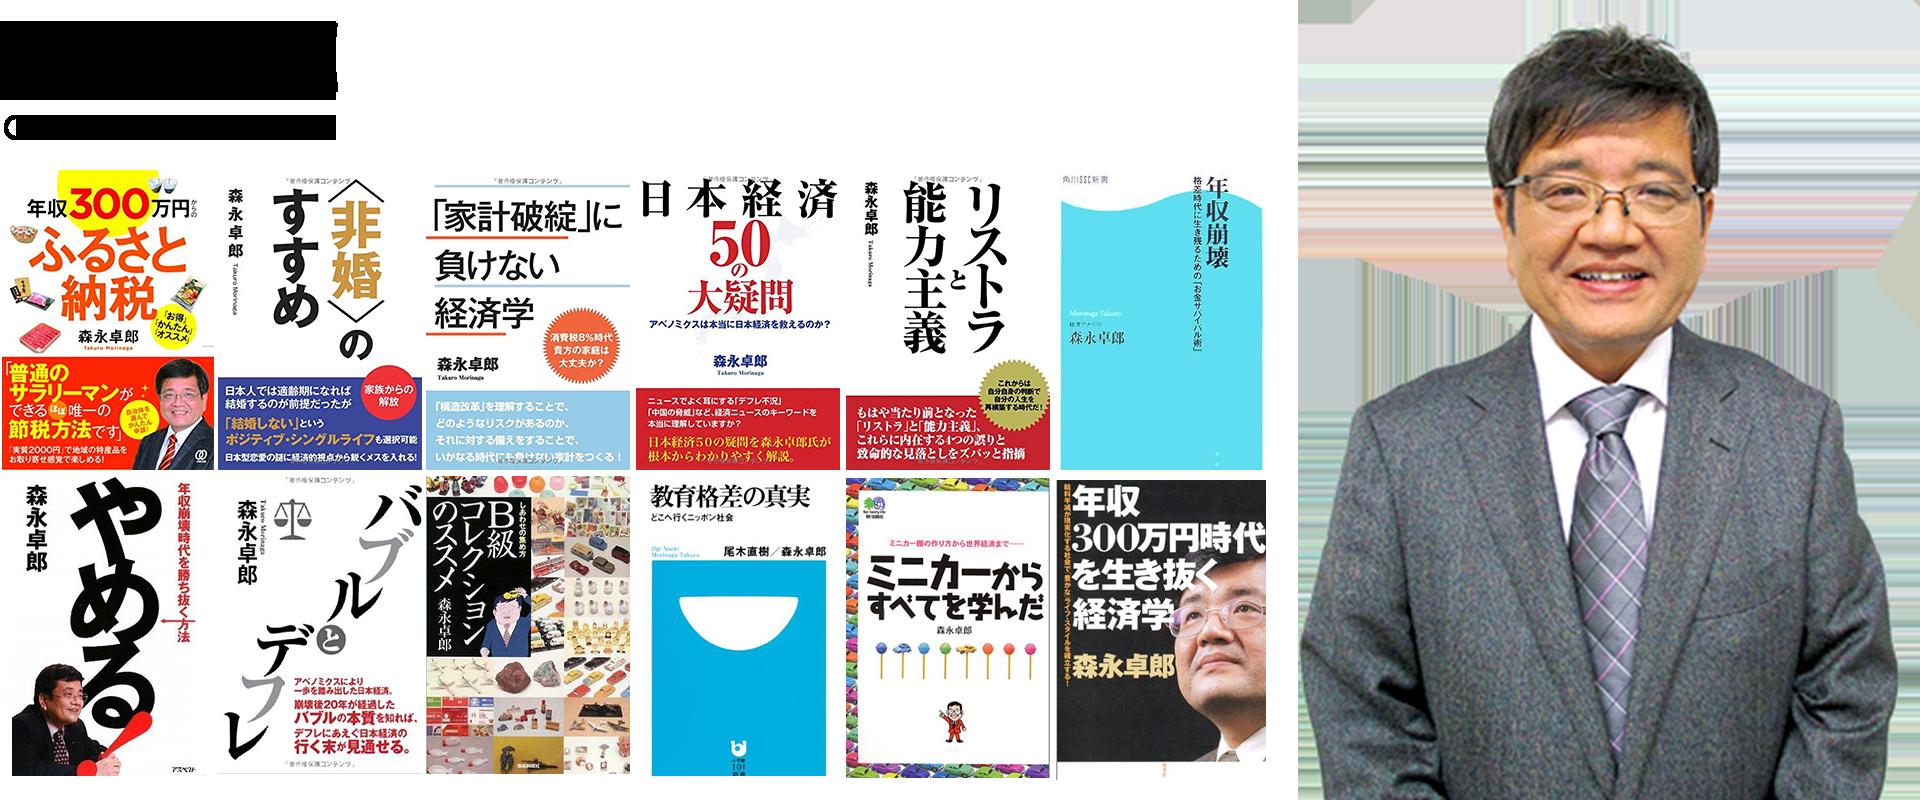 森永卓郎オフィシャルサイト